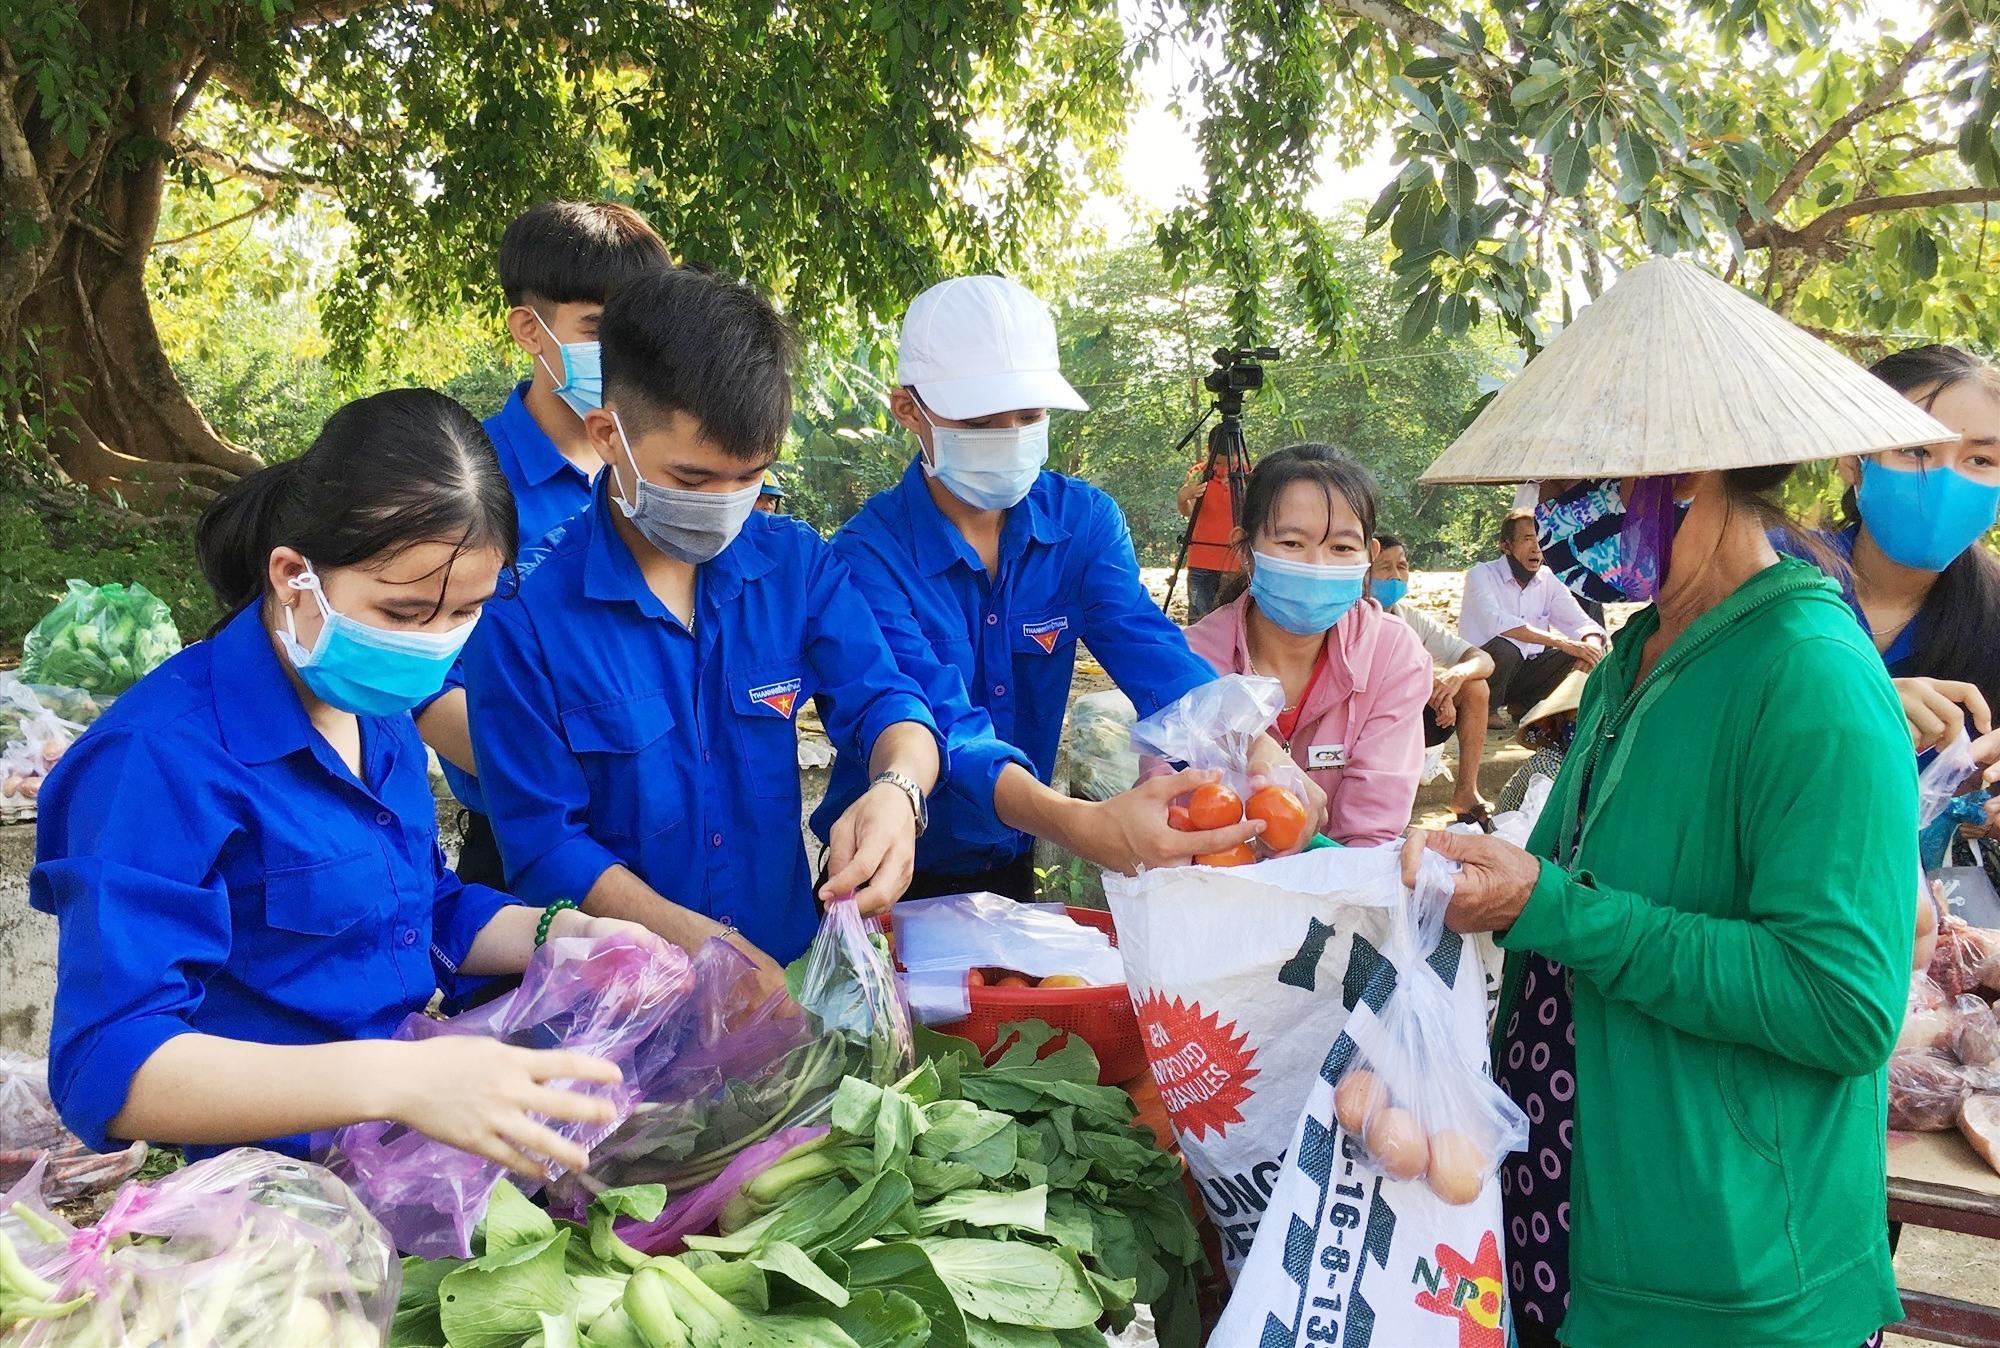 Mặt trận và các đoàn thể ở Phú Ninh đã chung tay, đồng hành hiệu quả cùng chính quyền và nhân dân phòng chống dịch bệnh Covid-19. Ảnh: H.C